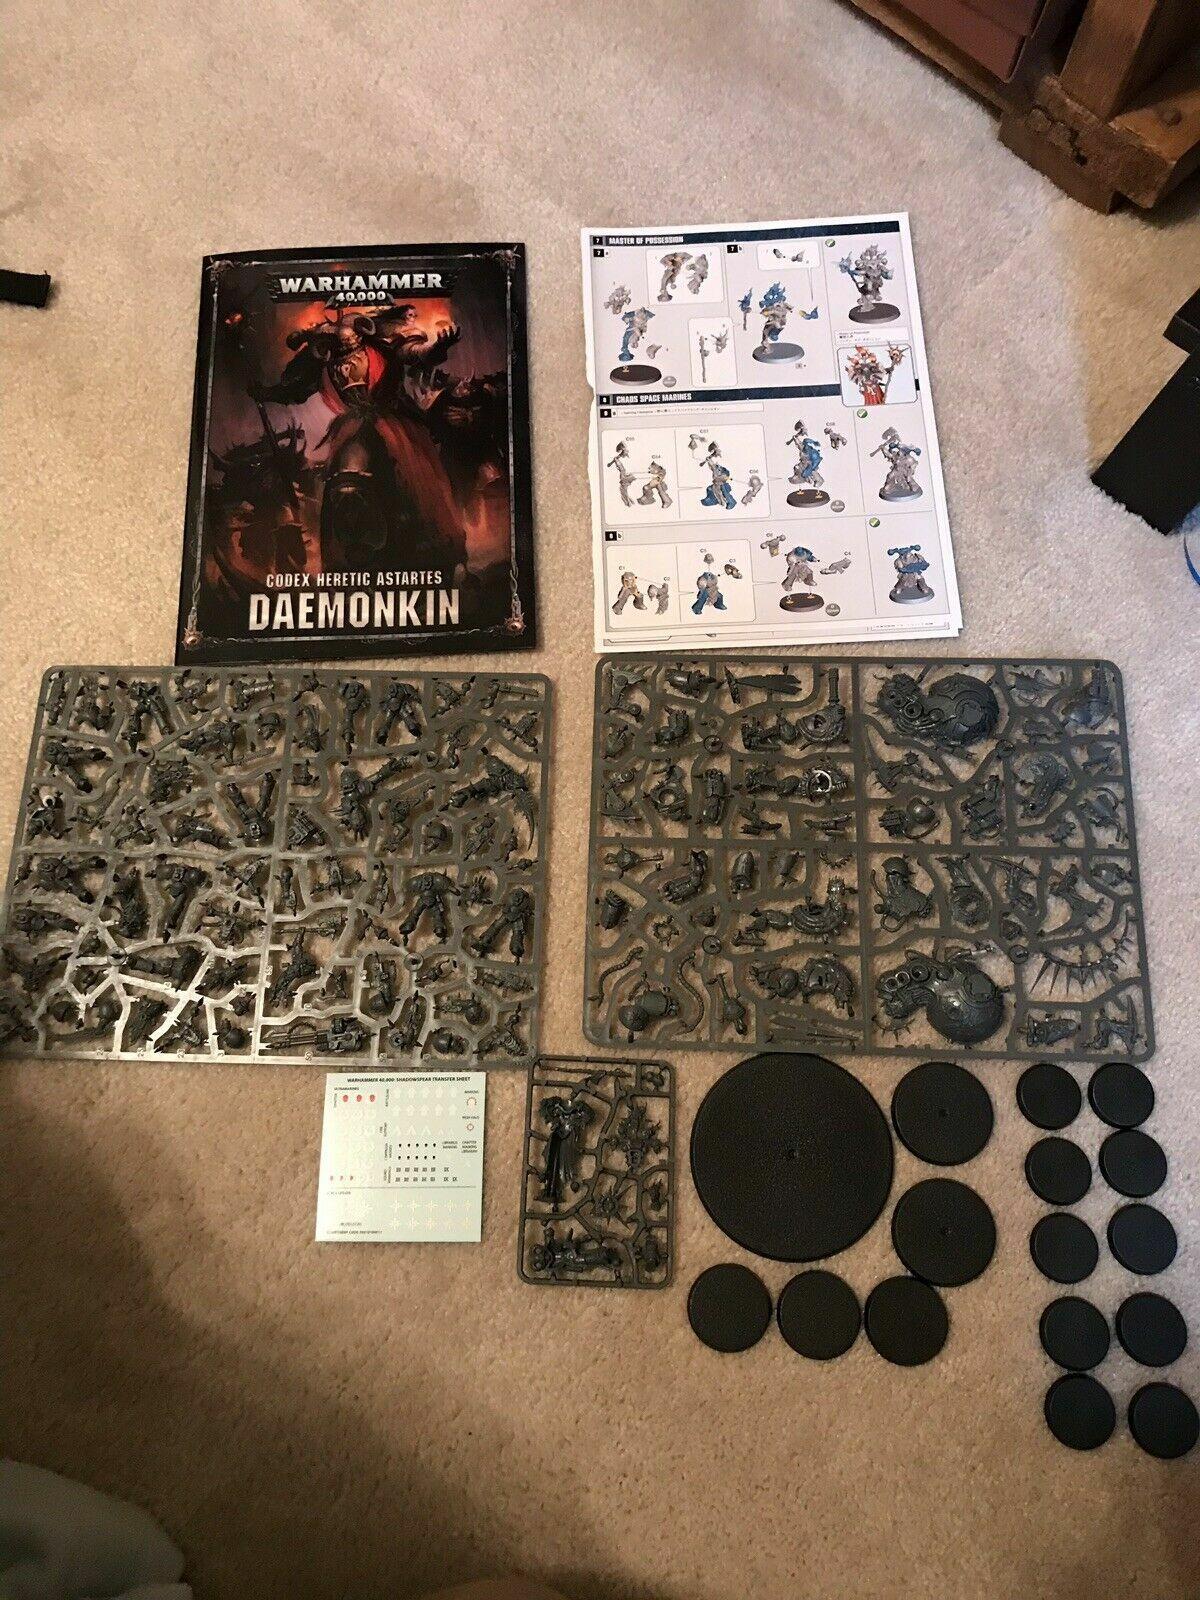 servicio honesto Ejército MARINES ESPACIALES DEL CAOS 40K Daemonkin Shadowspear media media media Warhammer hereje  producto de calidad